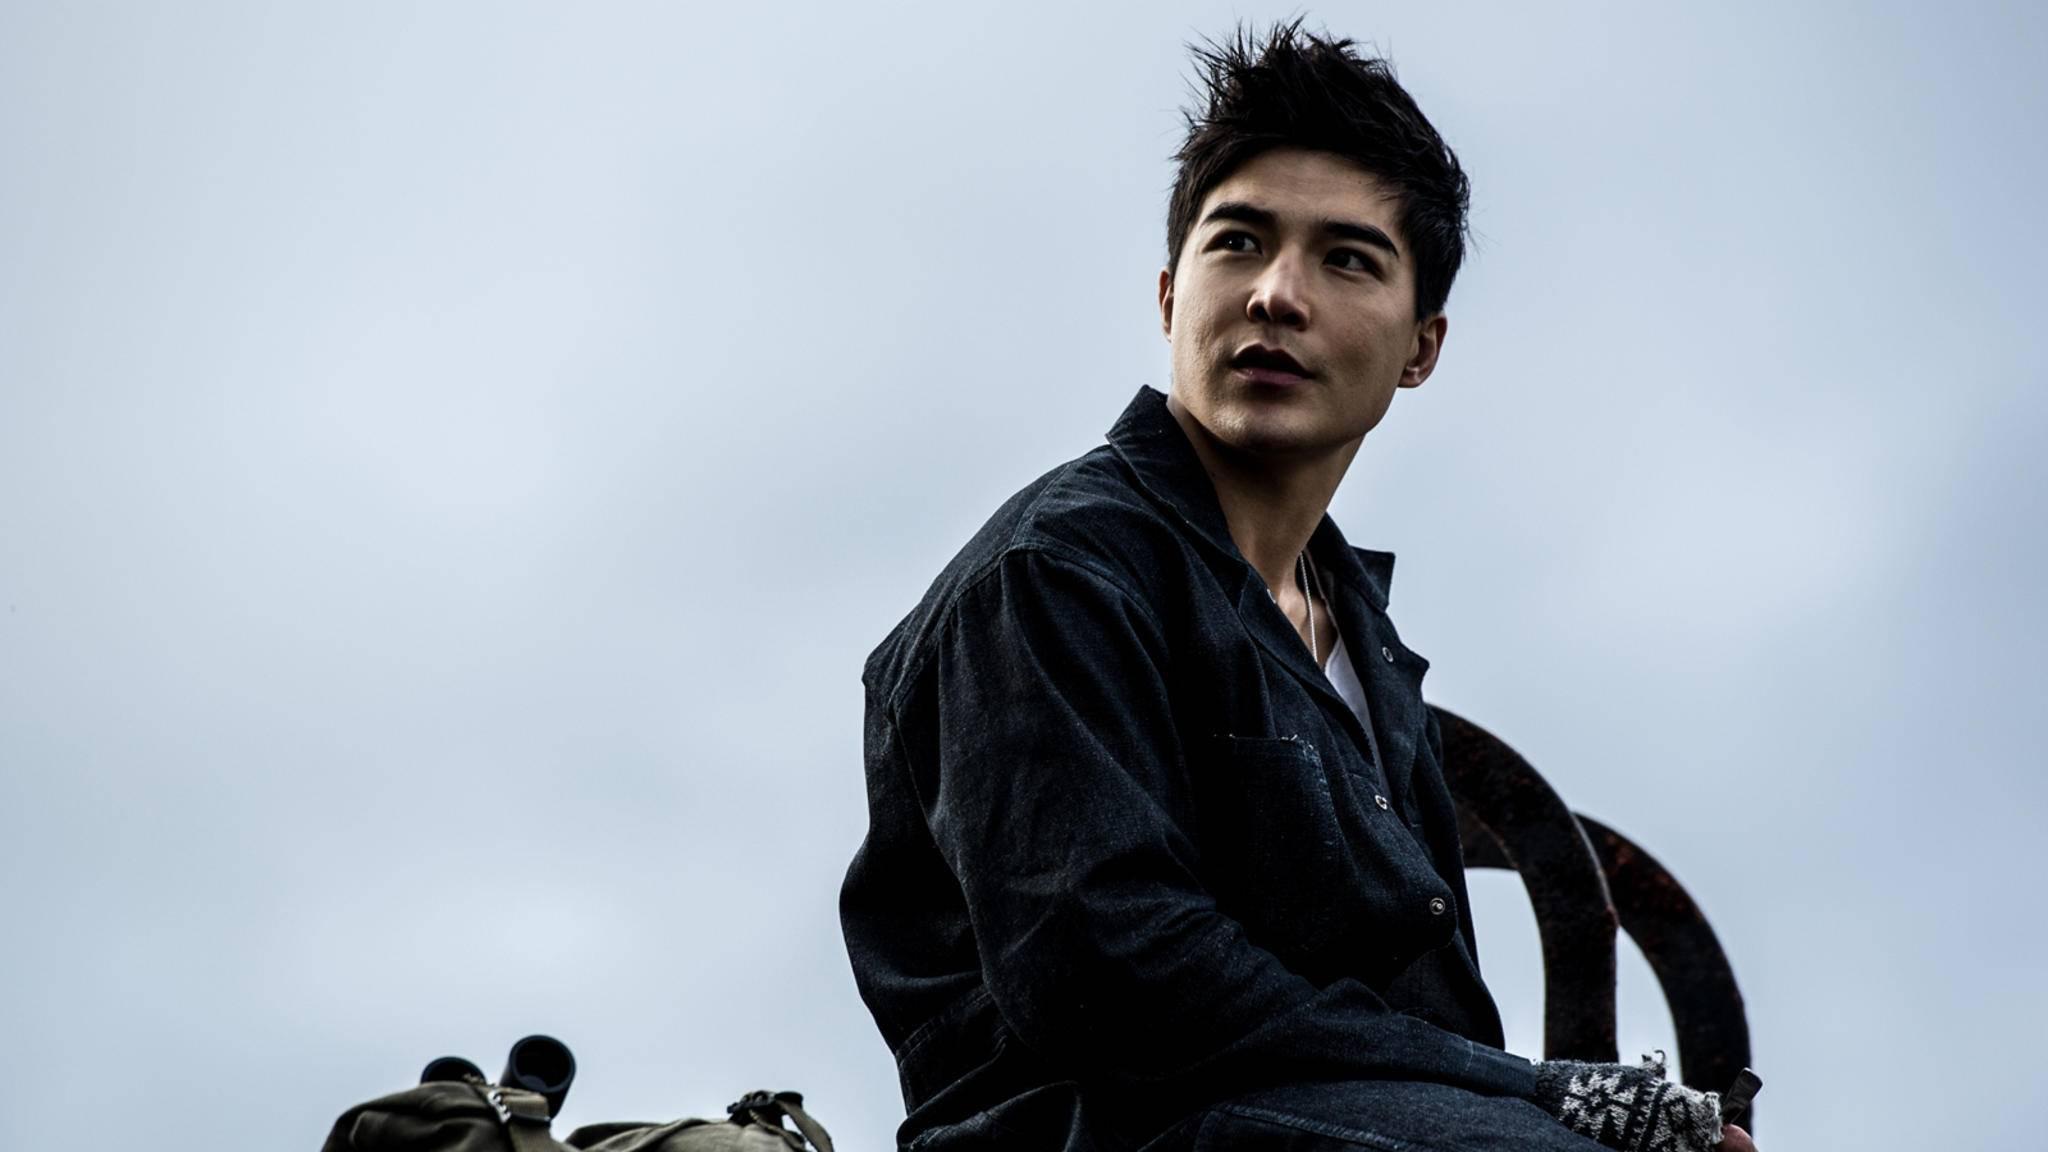 """Viele Fans hätten ihn gerne im Marvel-Film """"Shang-Chi"""" gesehen. Stattdessen wird Ludi Lin nun zum Kämpfer in """"Mortal Kombat""""."""